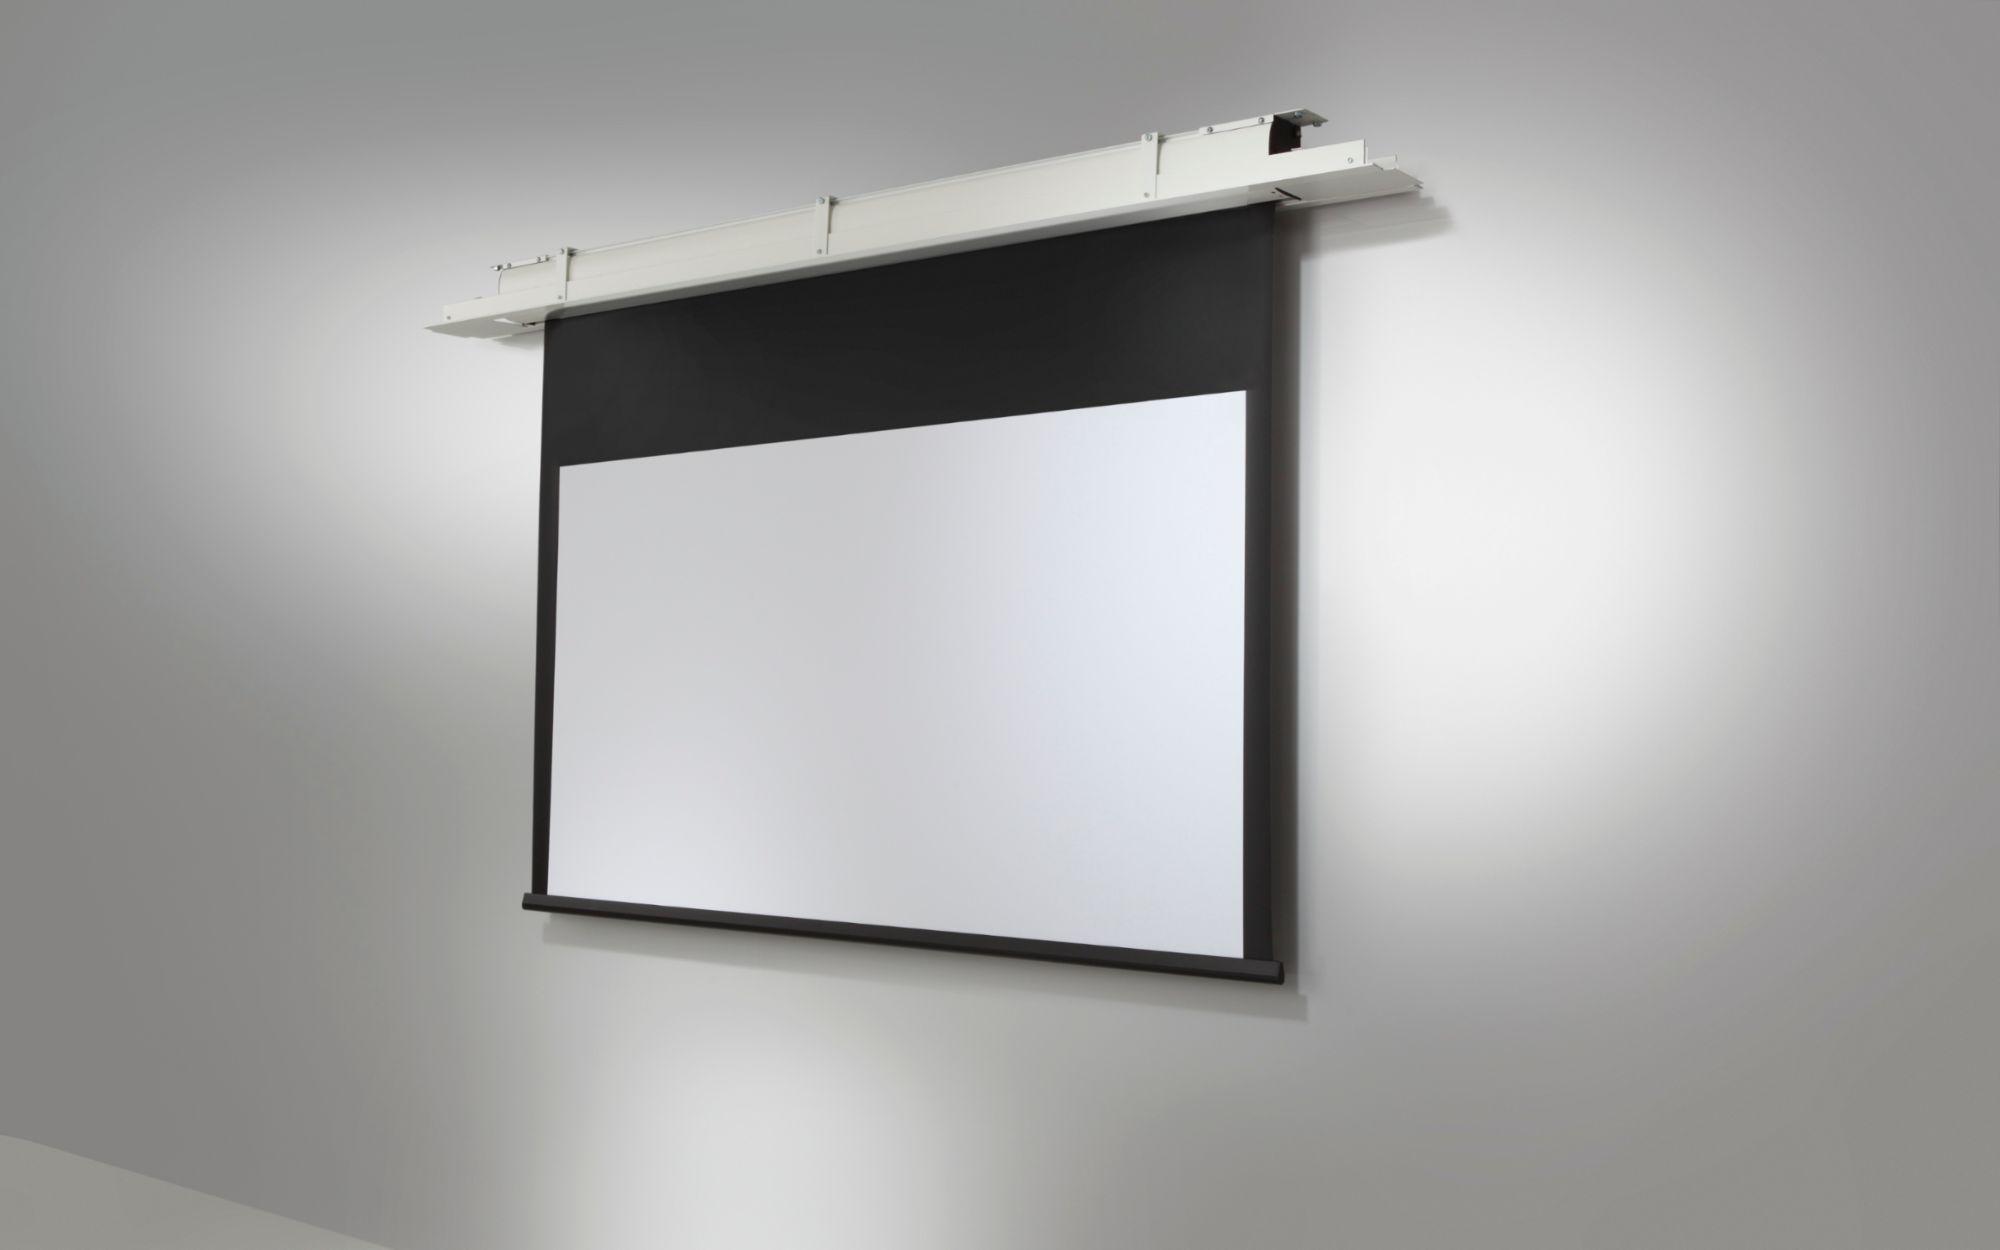 Celexon ecran de projection economy motoris 220 x 165 cm - Ecran de projection encastrable plafond ...